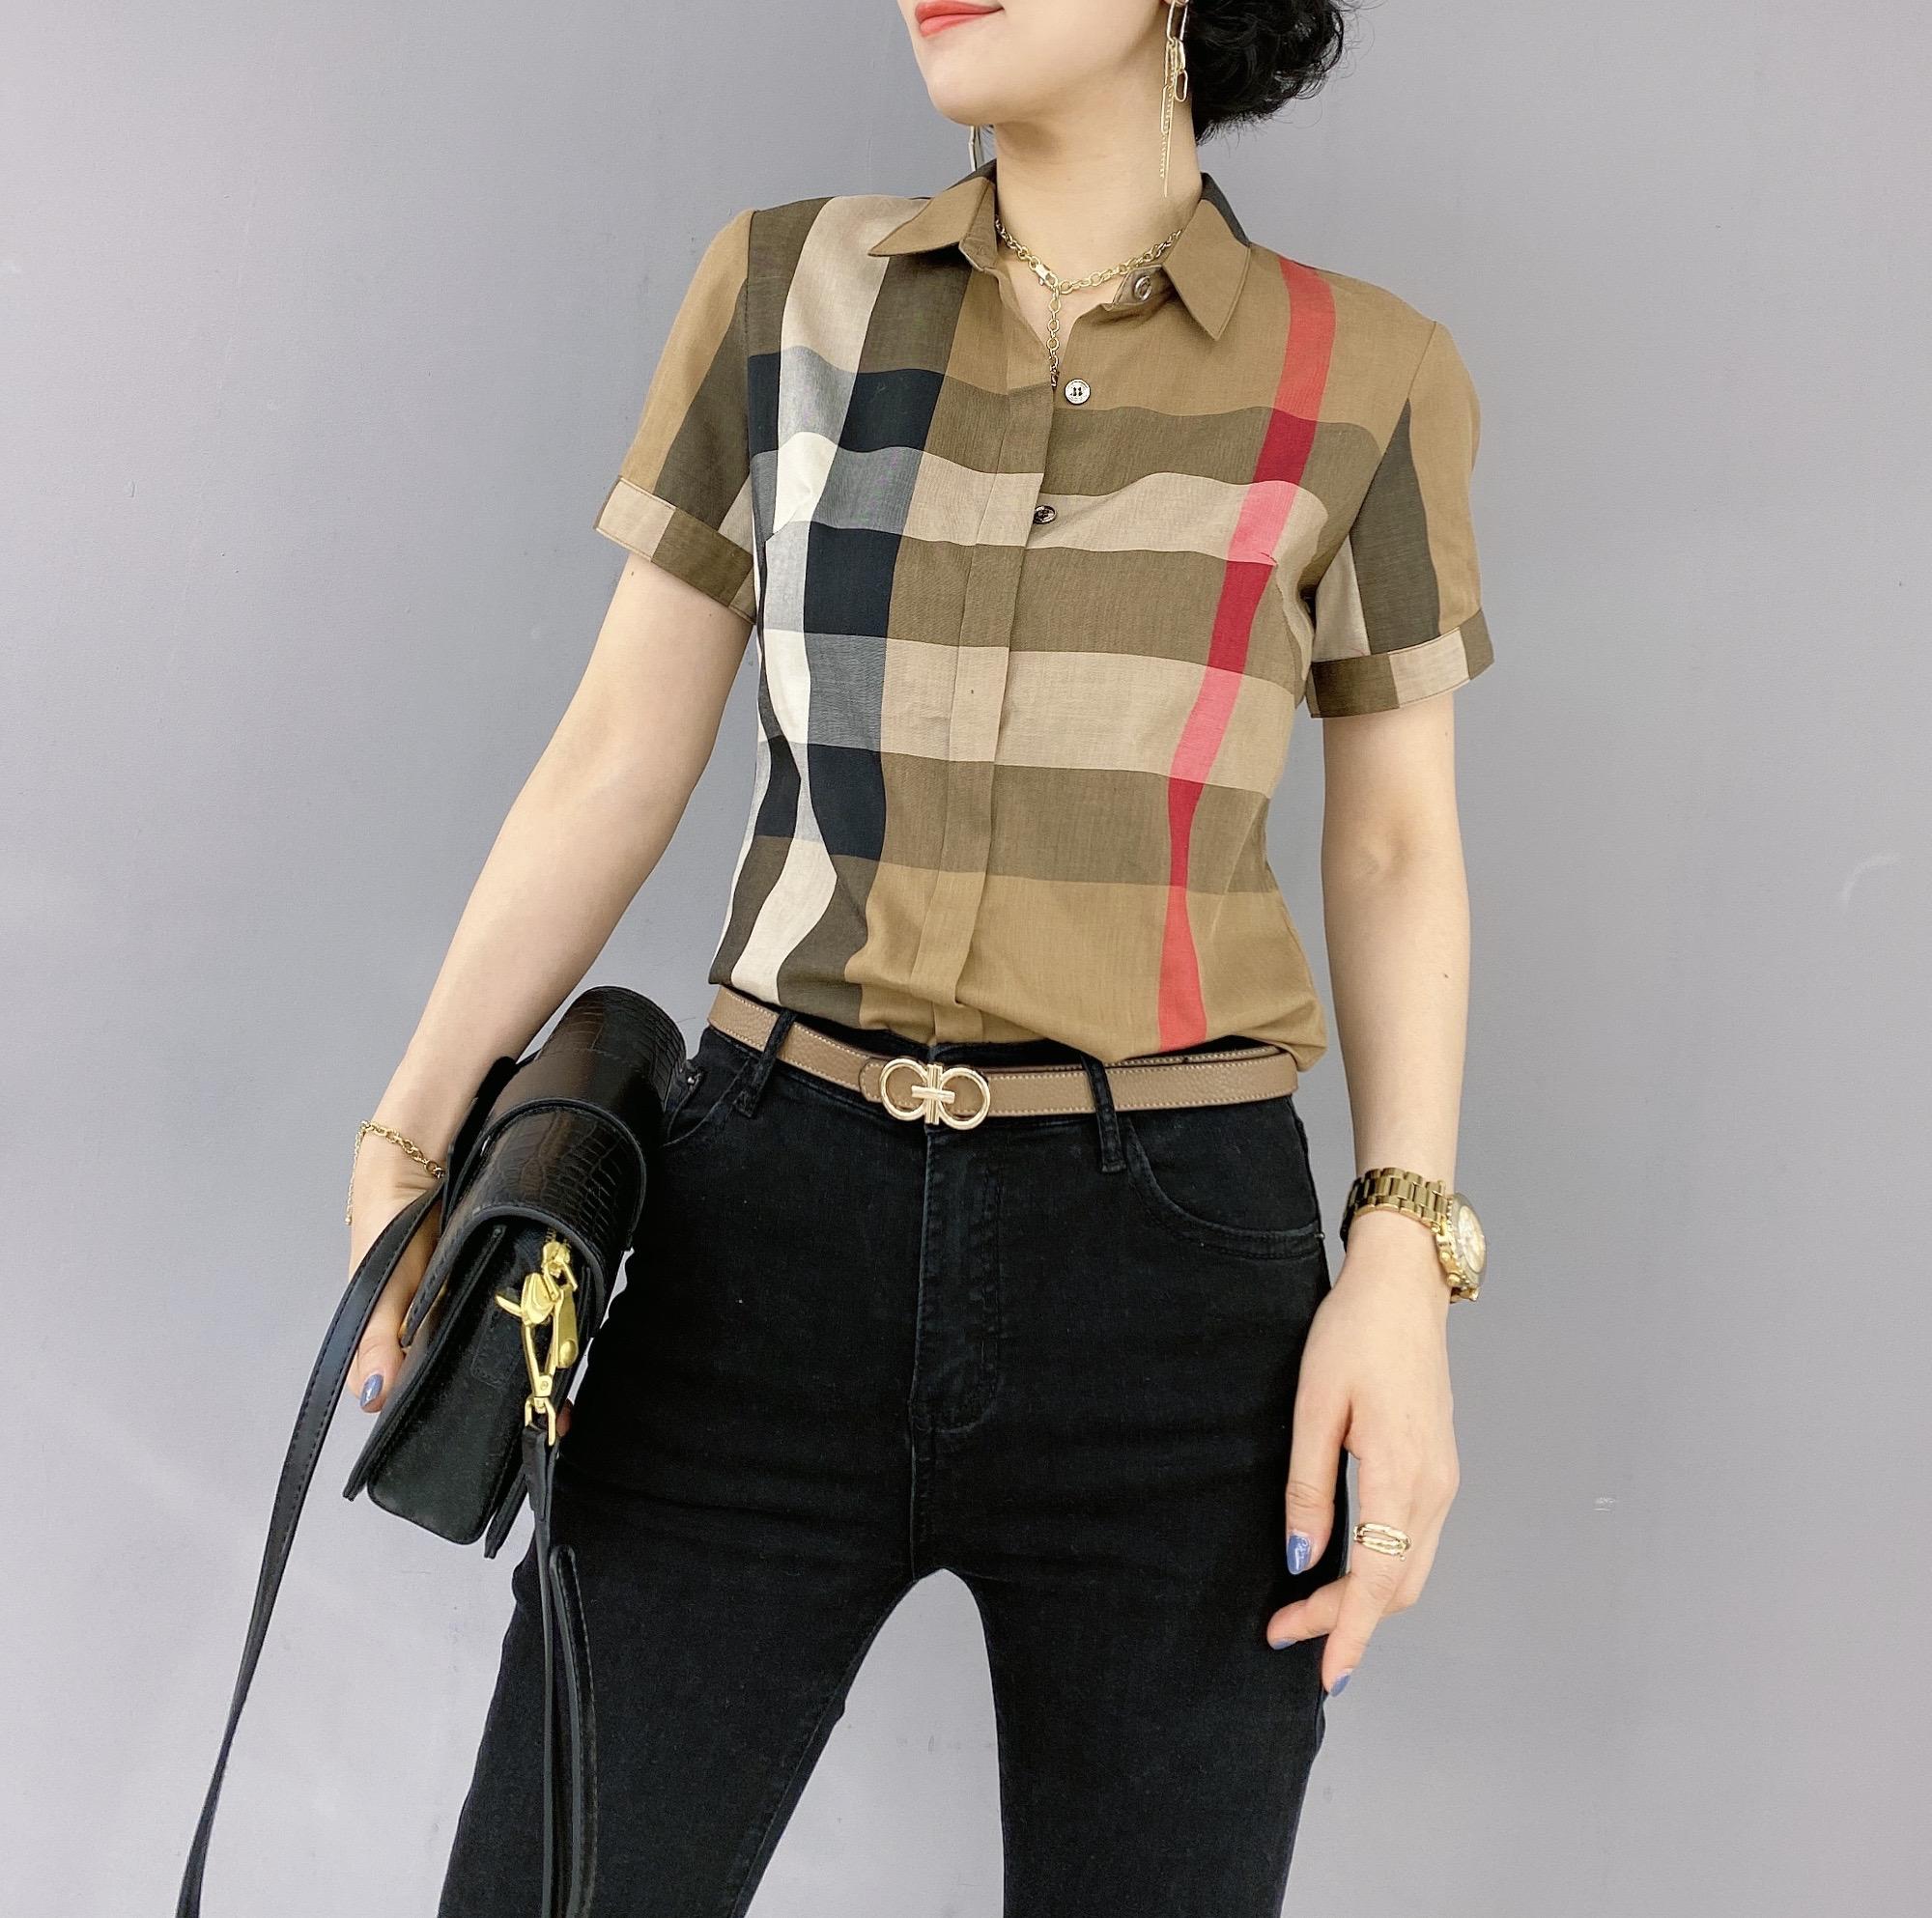 女格子衬衫 新款格子短袖纯棉衬衫女士气质衬衣正品欧货_推荐淘宝好看的女格子衬衫